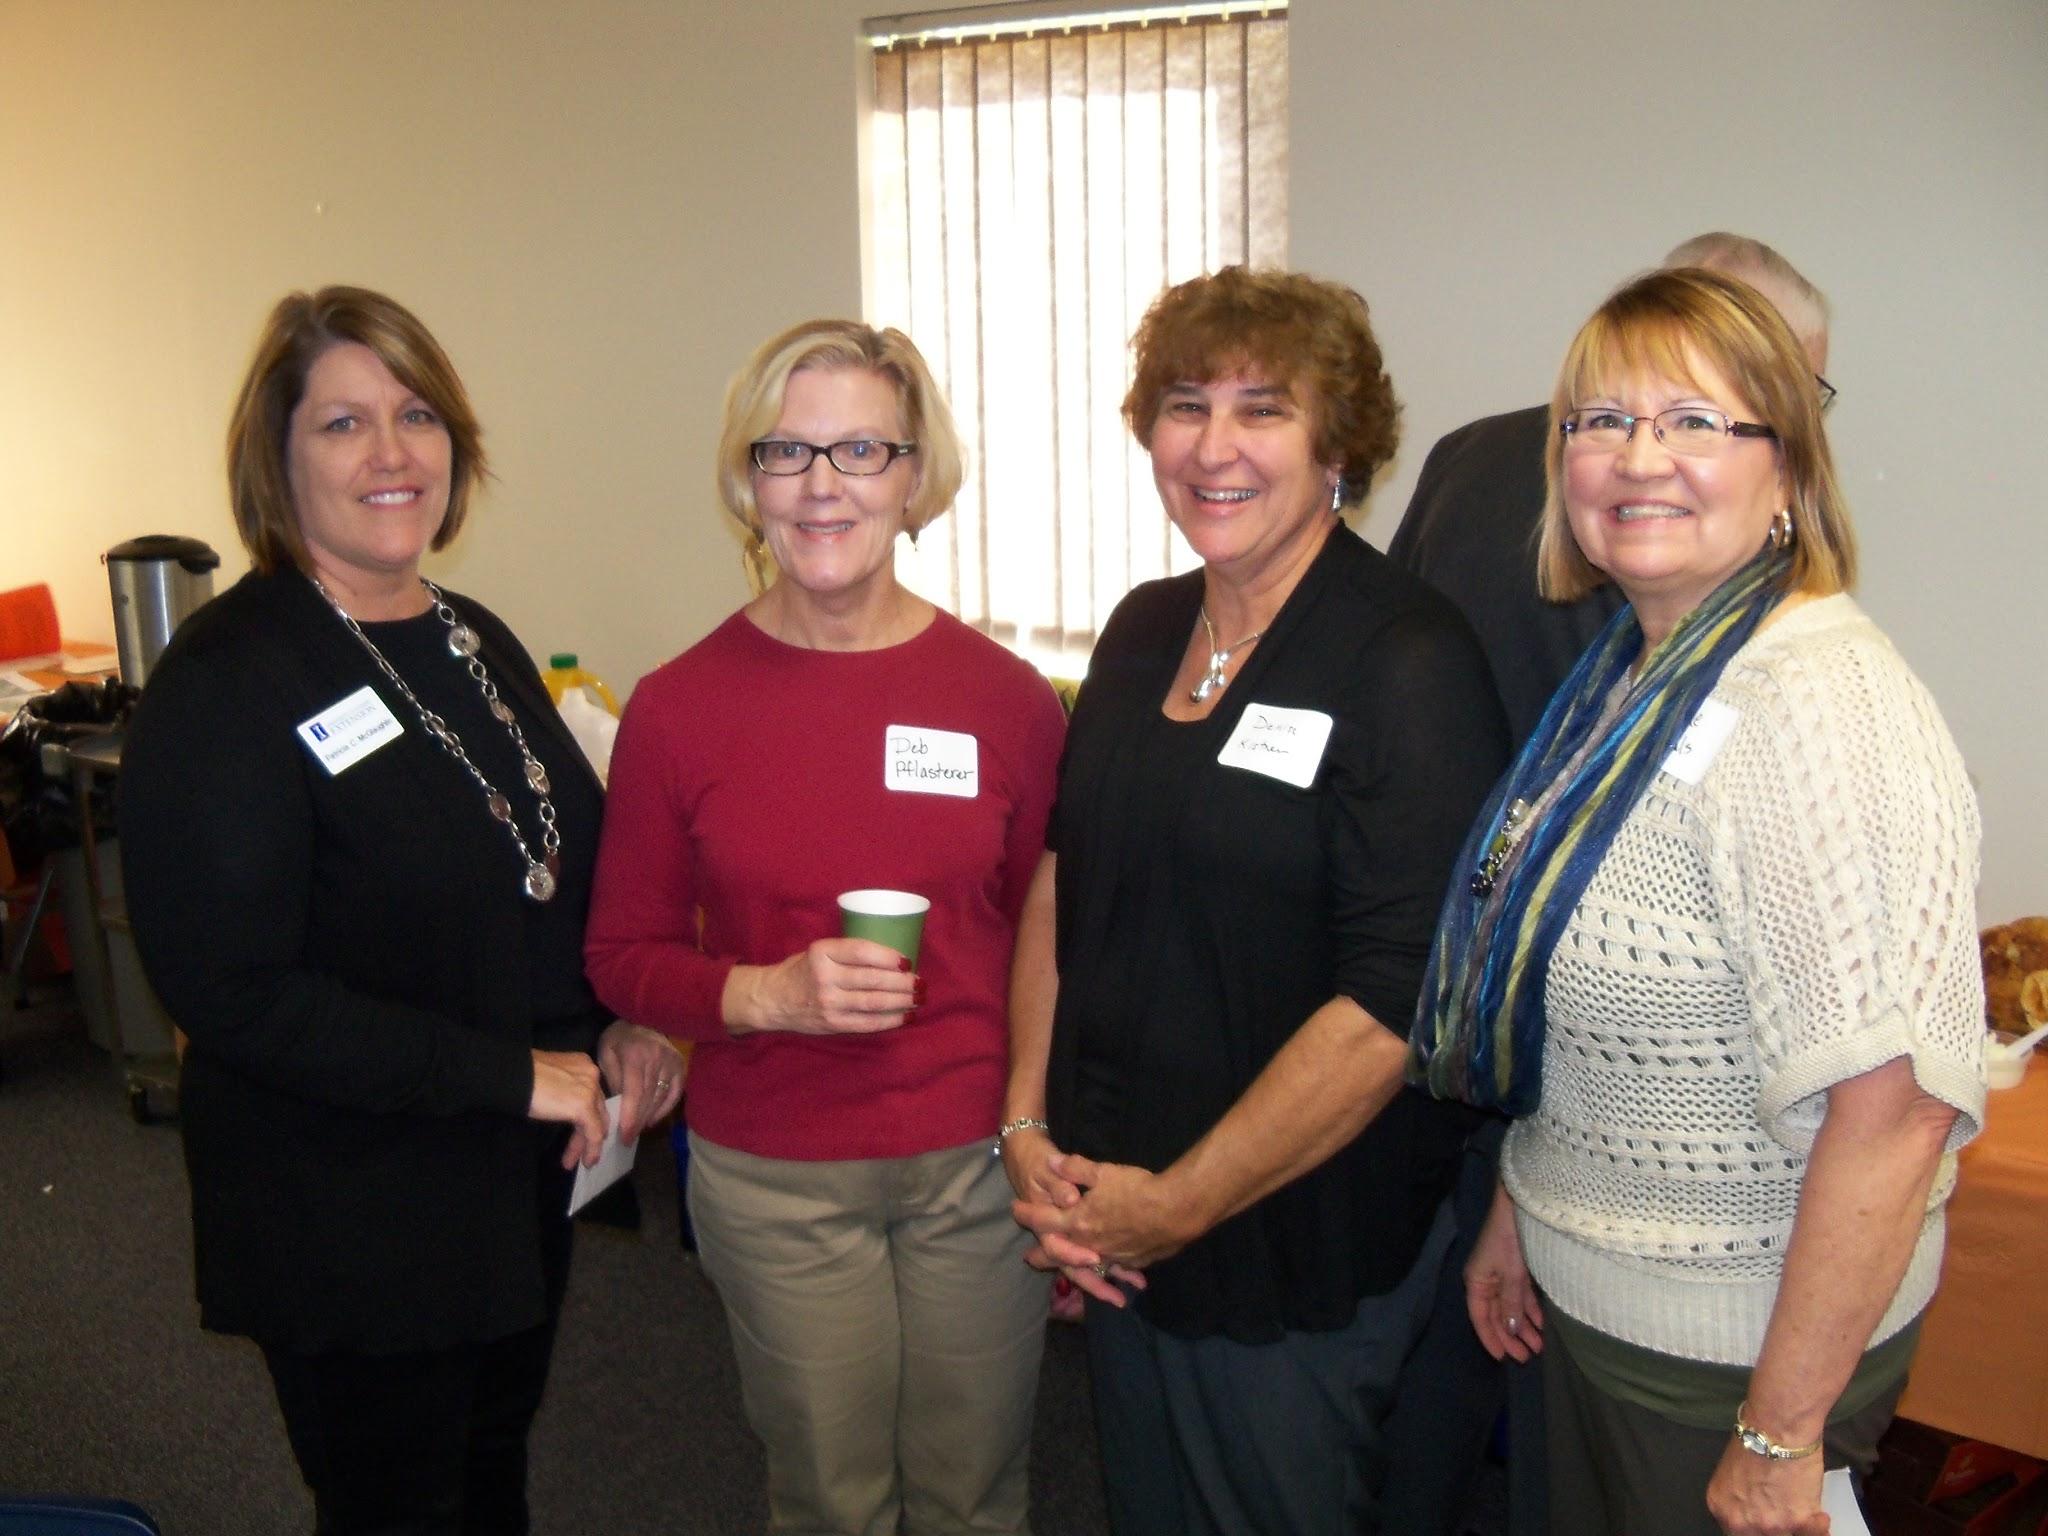 Pat McGaughlin, Deb Pflasterer, Denise Kistner, and Diane Ryals.